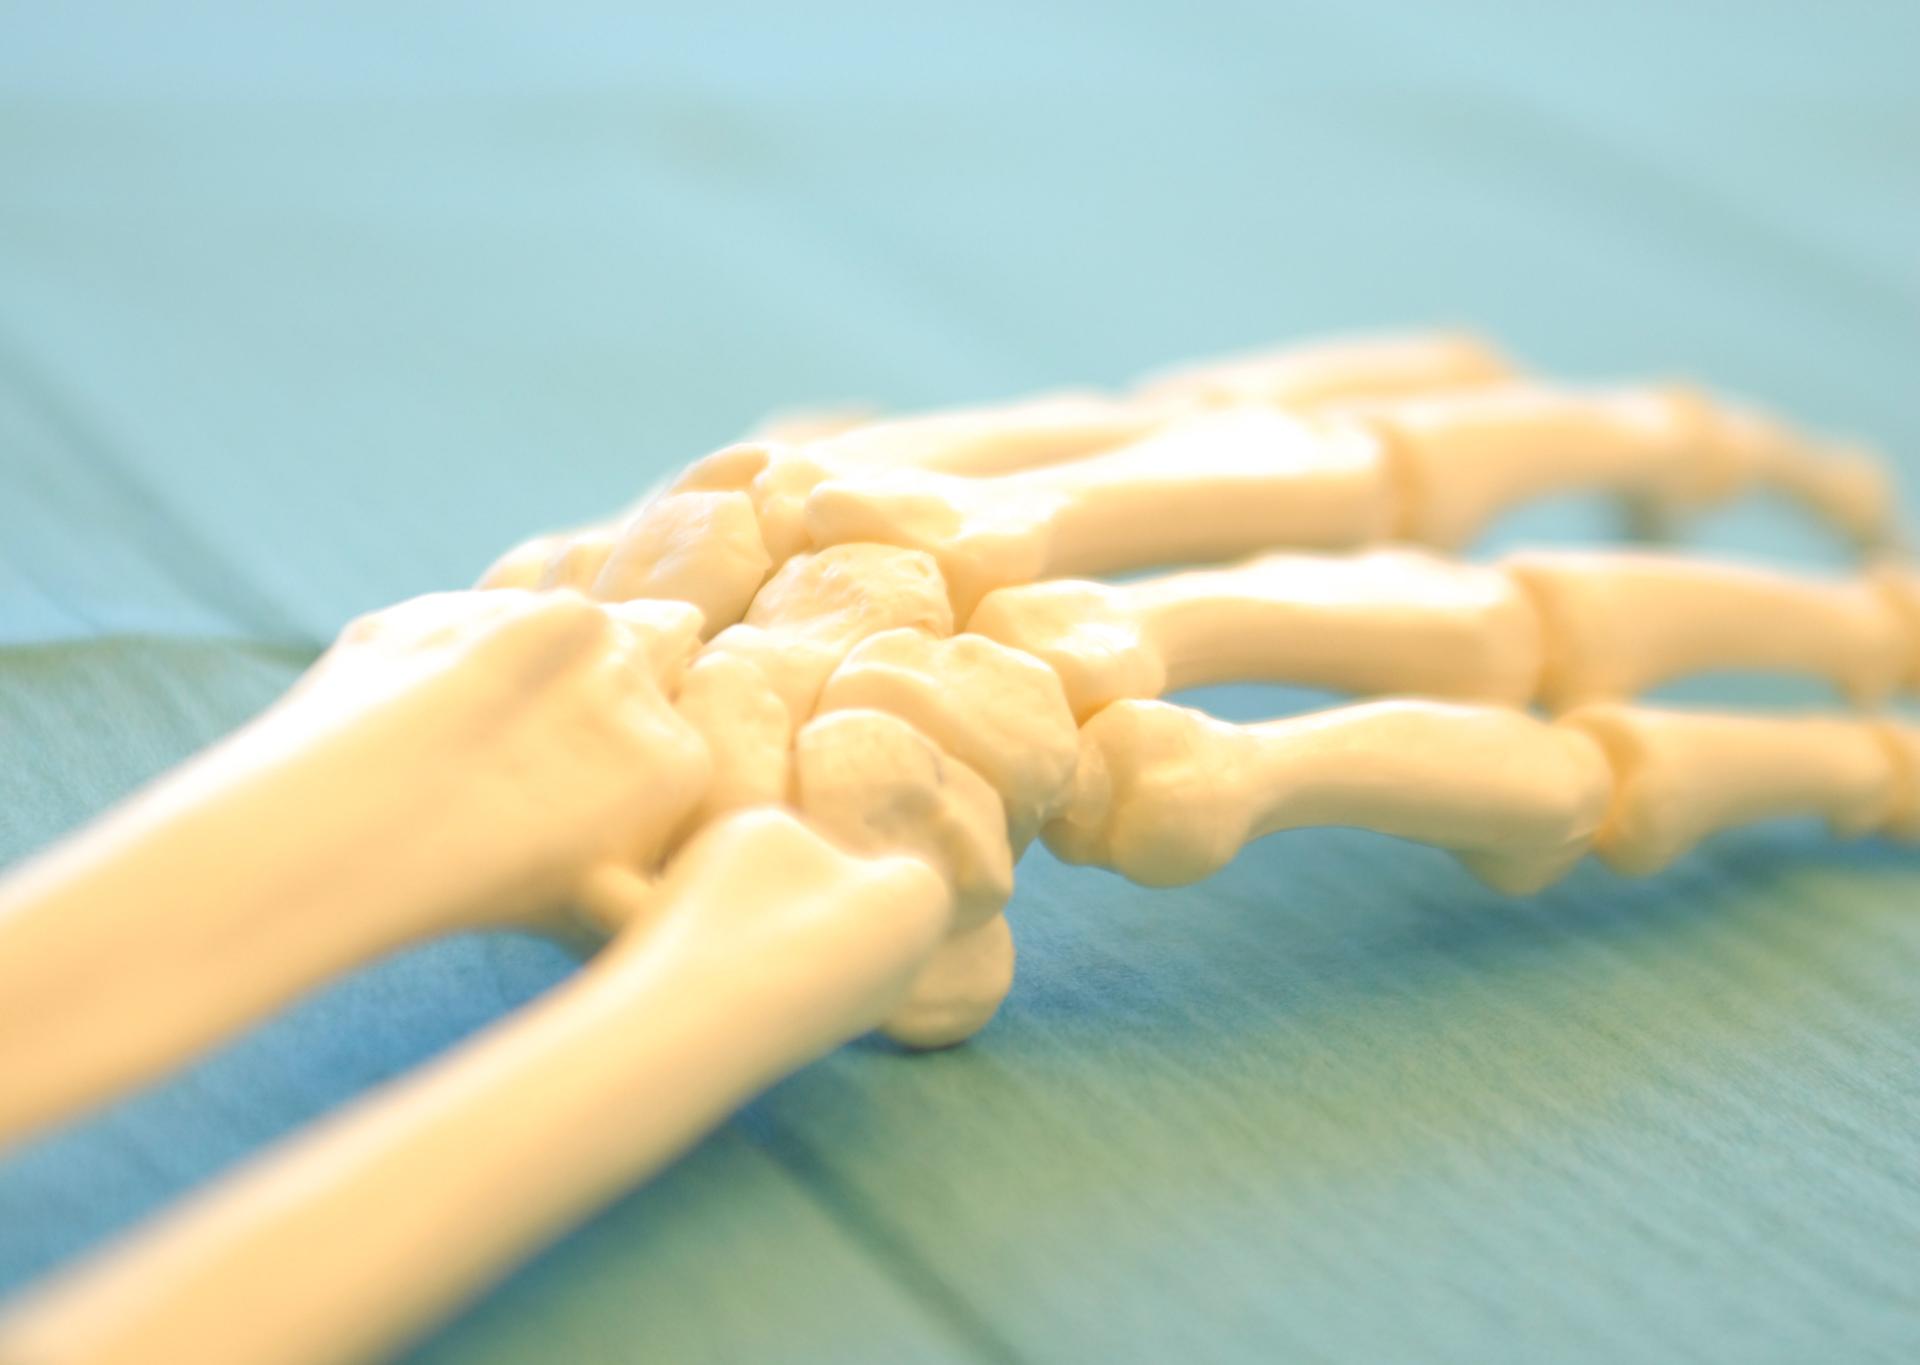 Skelett von einer Hand